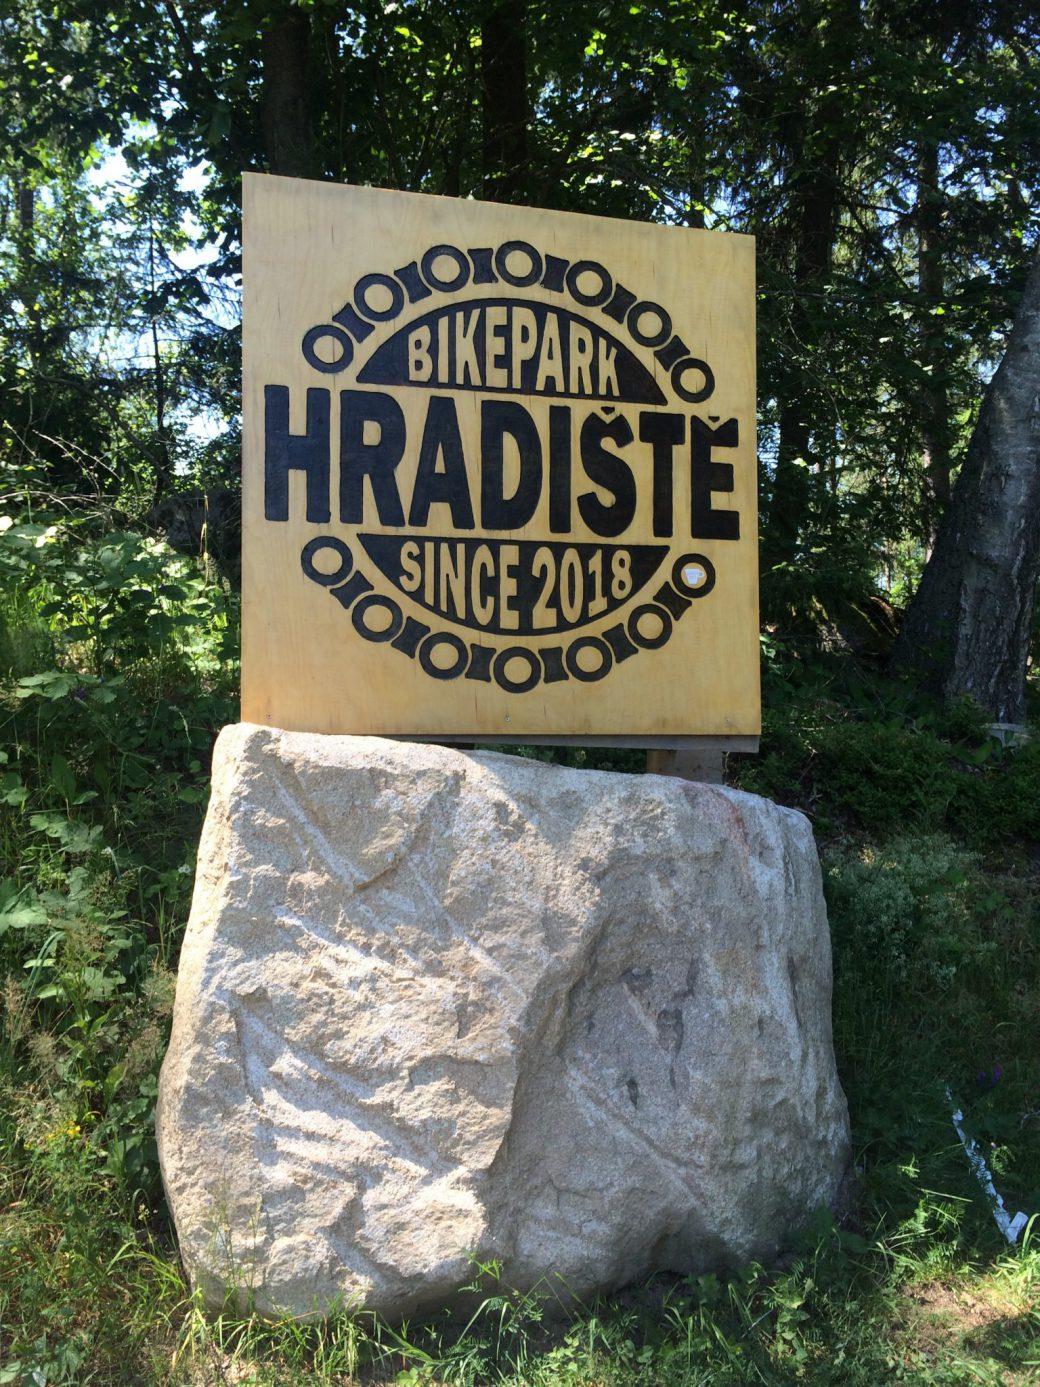 Bikepark Hradiste Tschechien